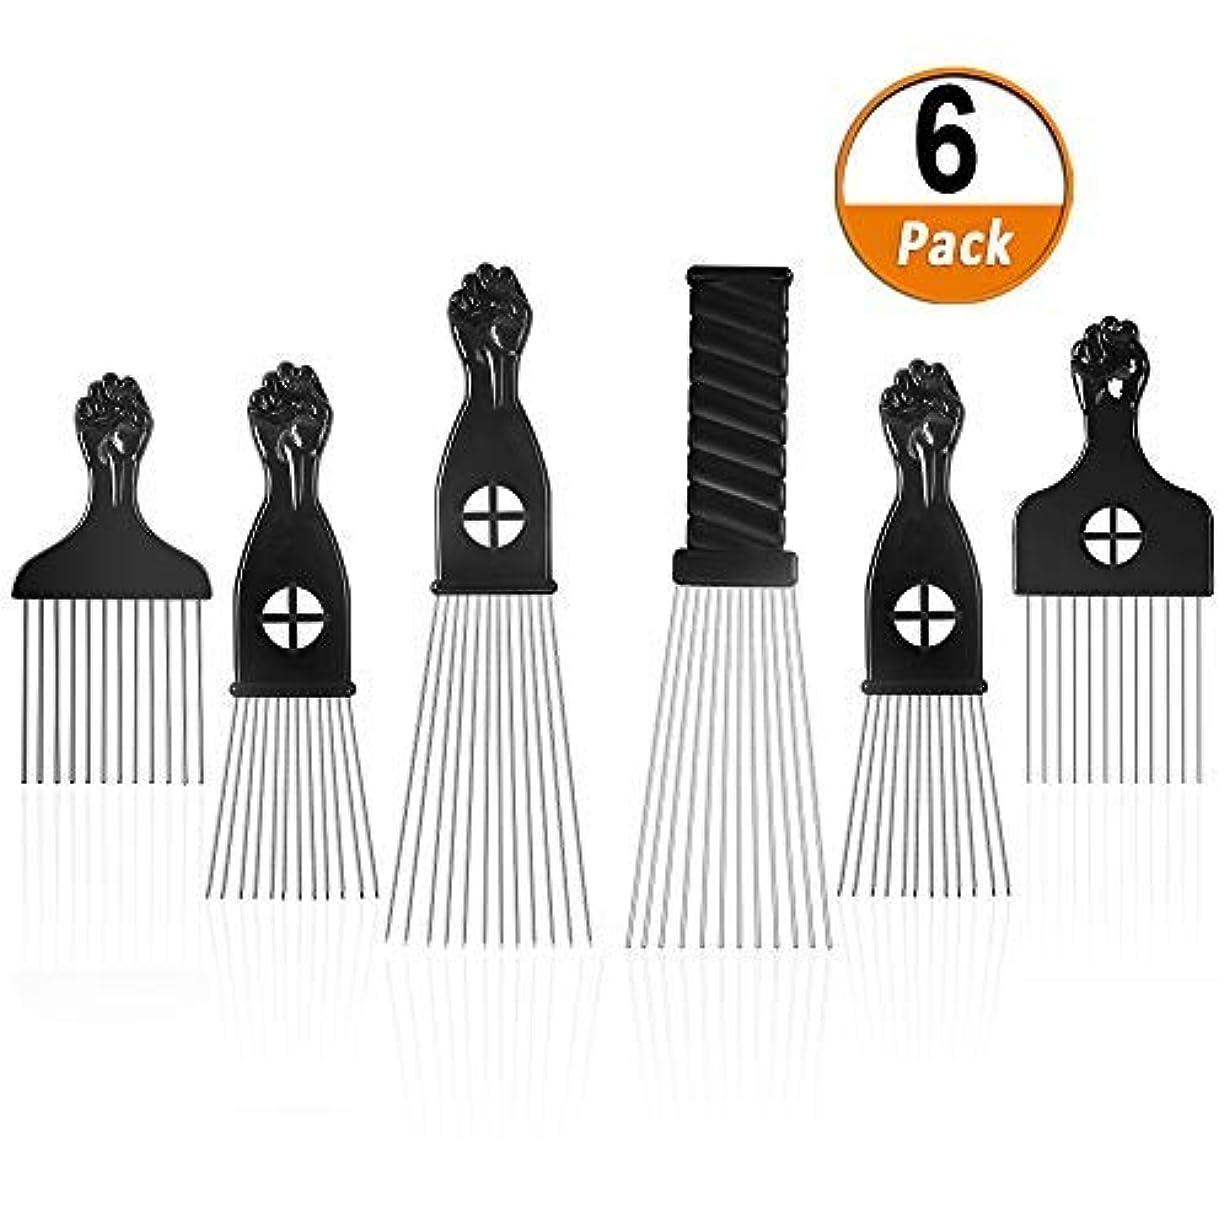 修羅場リマ課税Afro Pick 6 Pack Metal African American Afro Hair Comb Hairdressing Styling Tool Hair Pick with Black Fist [並行輸入品]